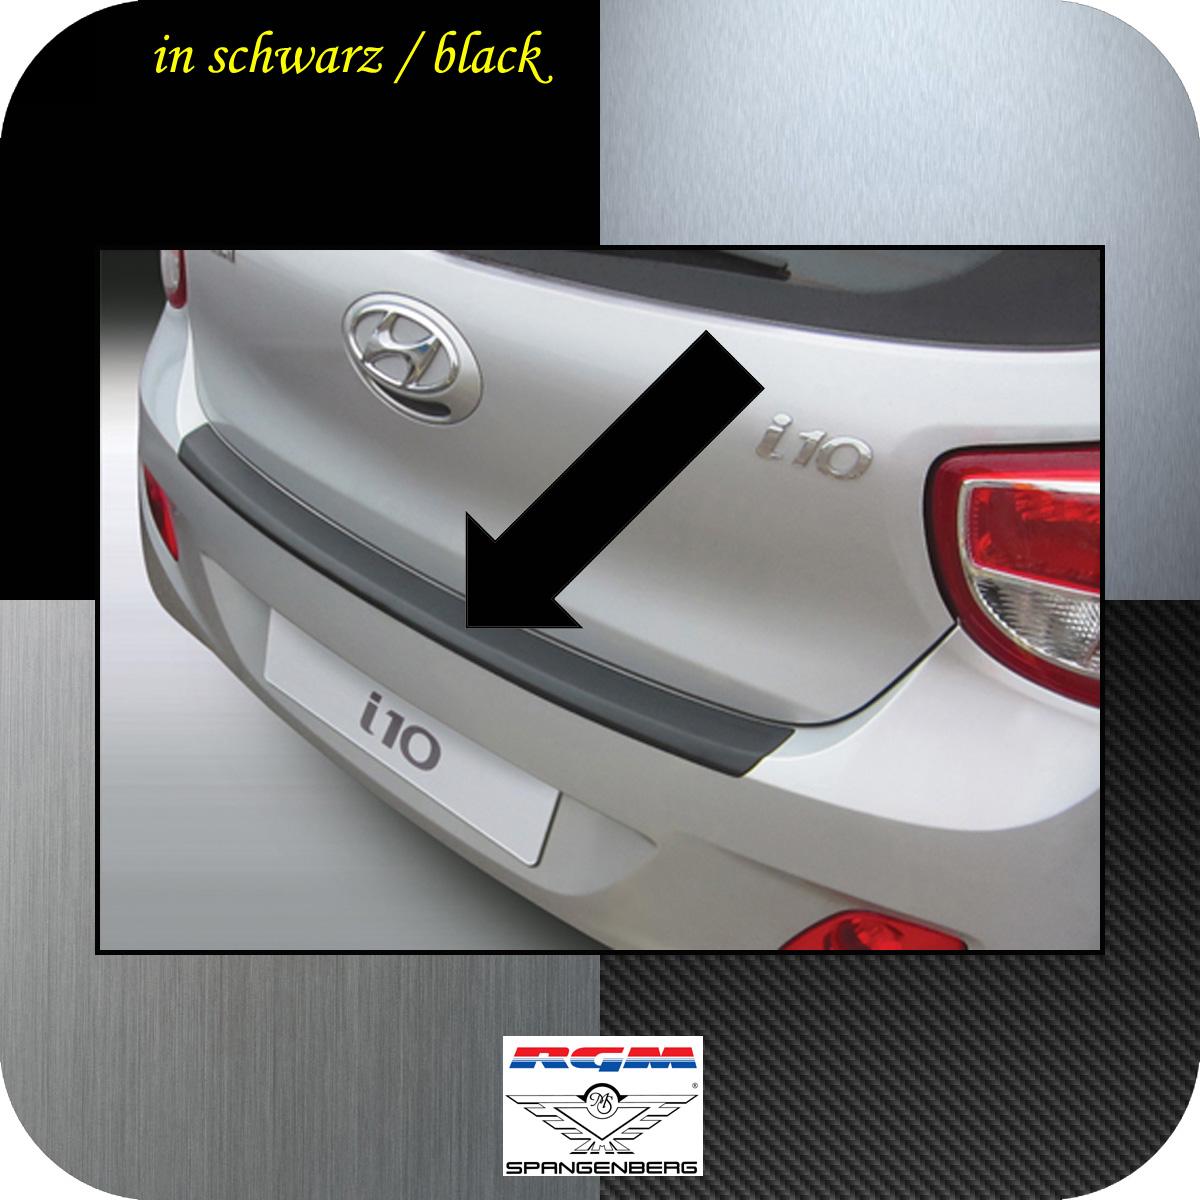 Ladekantenschutz schwarz Hyundai i10 II Schrägheck ab 2013- 3500705